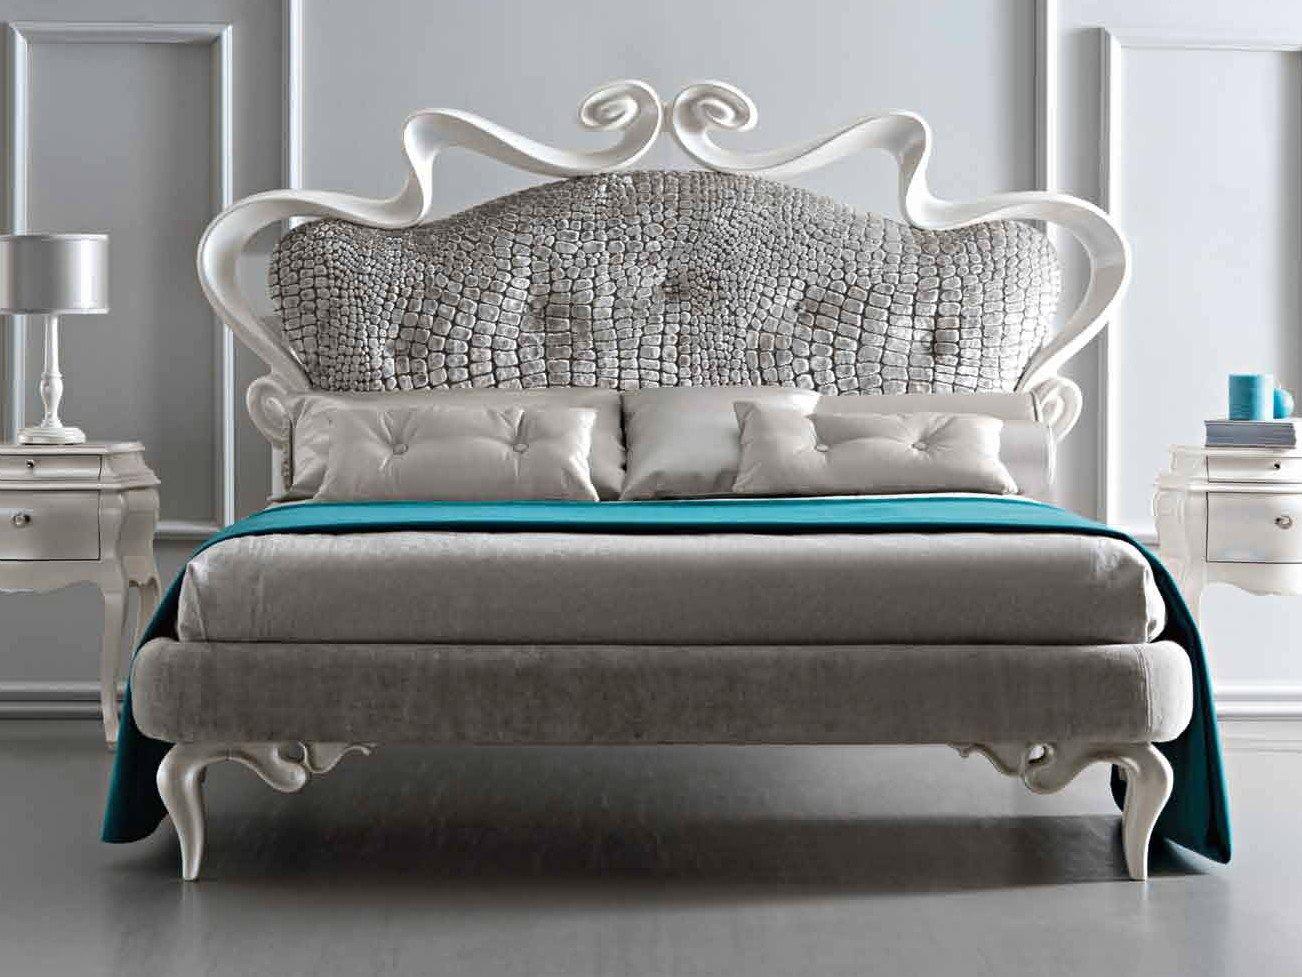 Emejing Letti Matrimoniali Particolari Gallery - Home Design Ideas ...